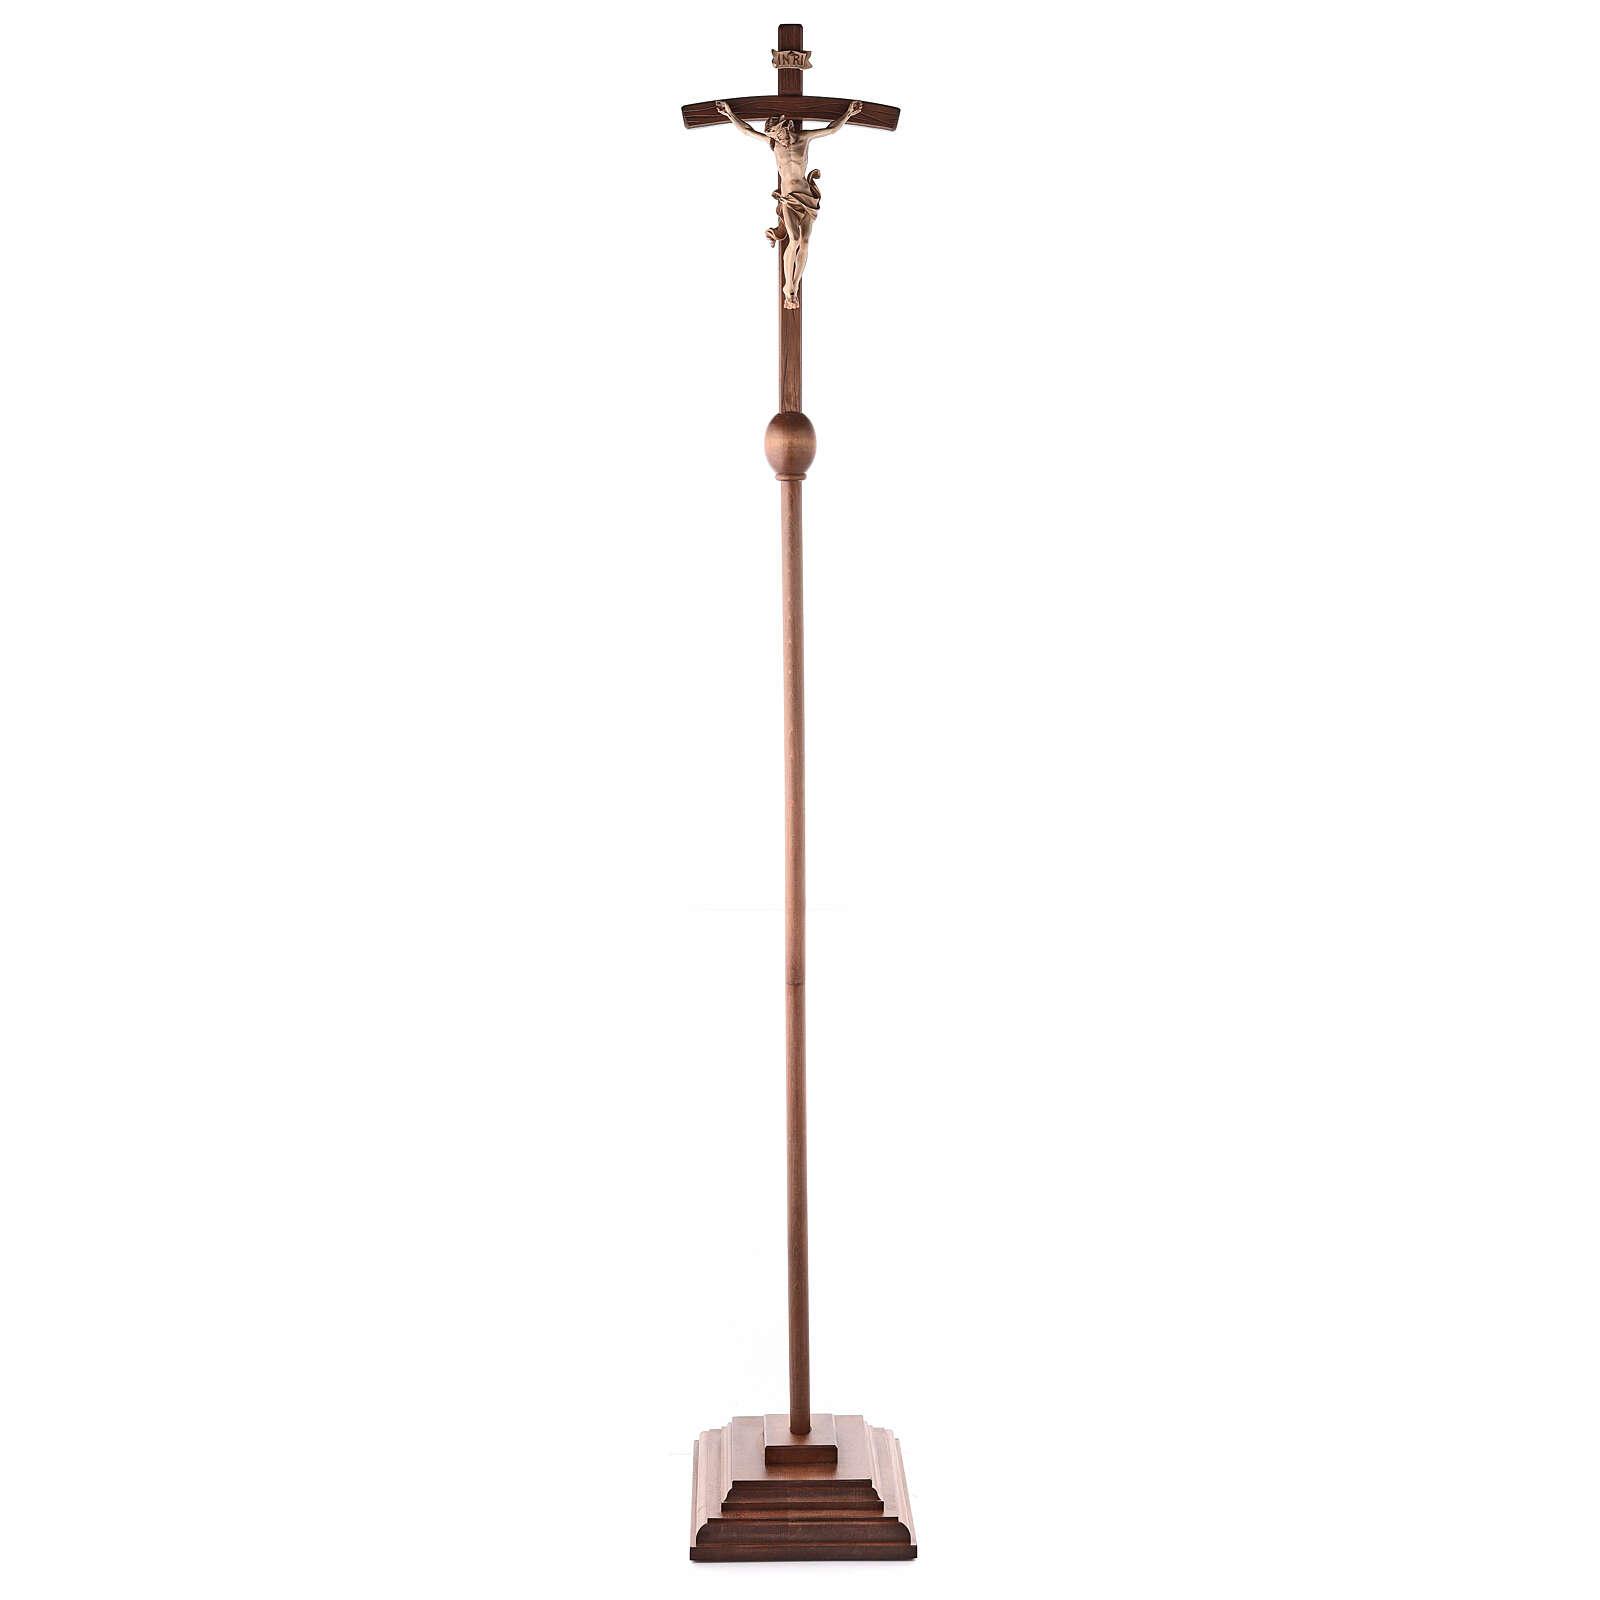 Cruz de procesión con base Leonardo cruz curva bruñido 3 colores 4